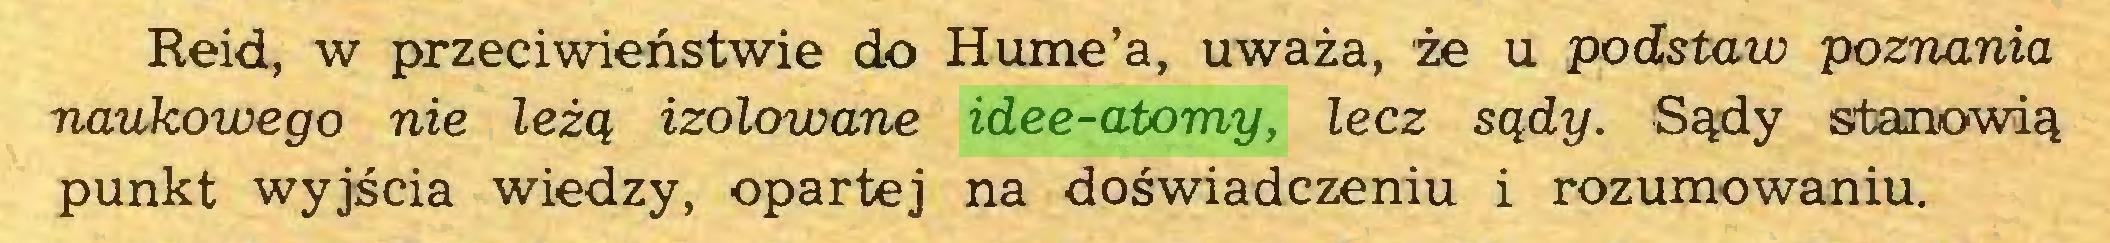 (...) Reid, w przeciwieństwie do Hume'a, uważa, że u podstaw poznania naukowego nie leżą izolowane idee-atomy, lecz sądy. Sądy stanowią punkt wyjścia wiedzy, opartej na doświadczeniu i rozumowaniu...